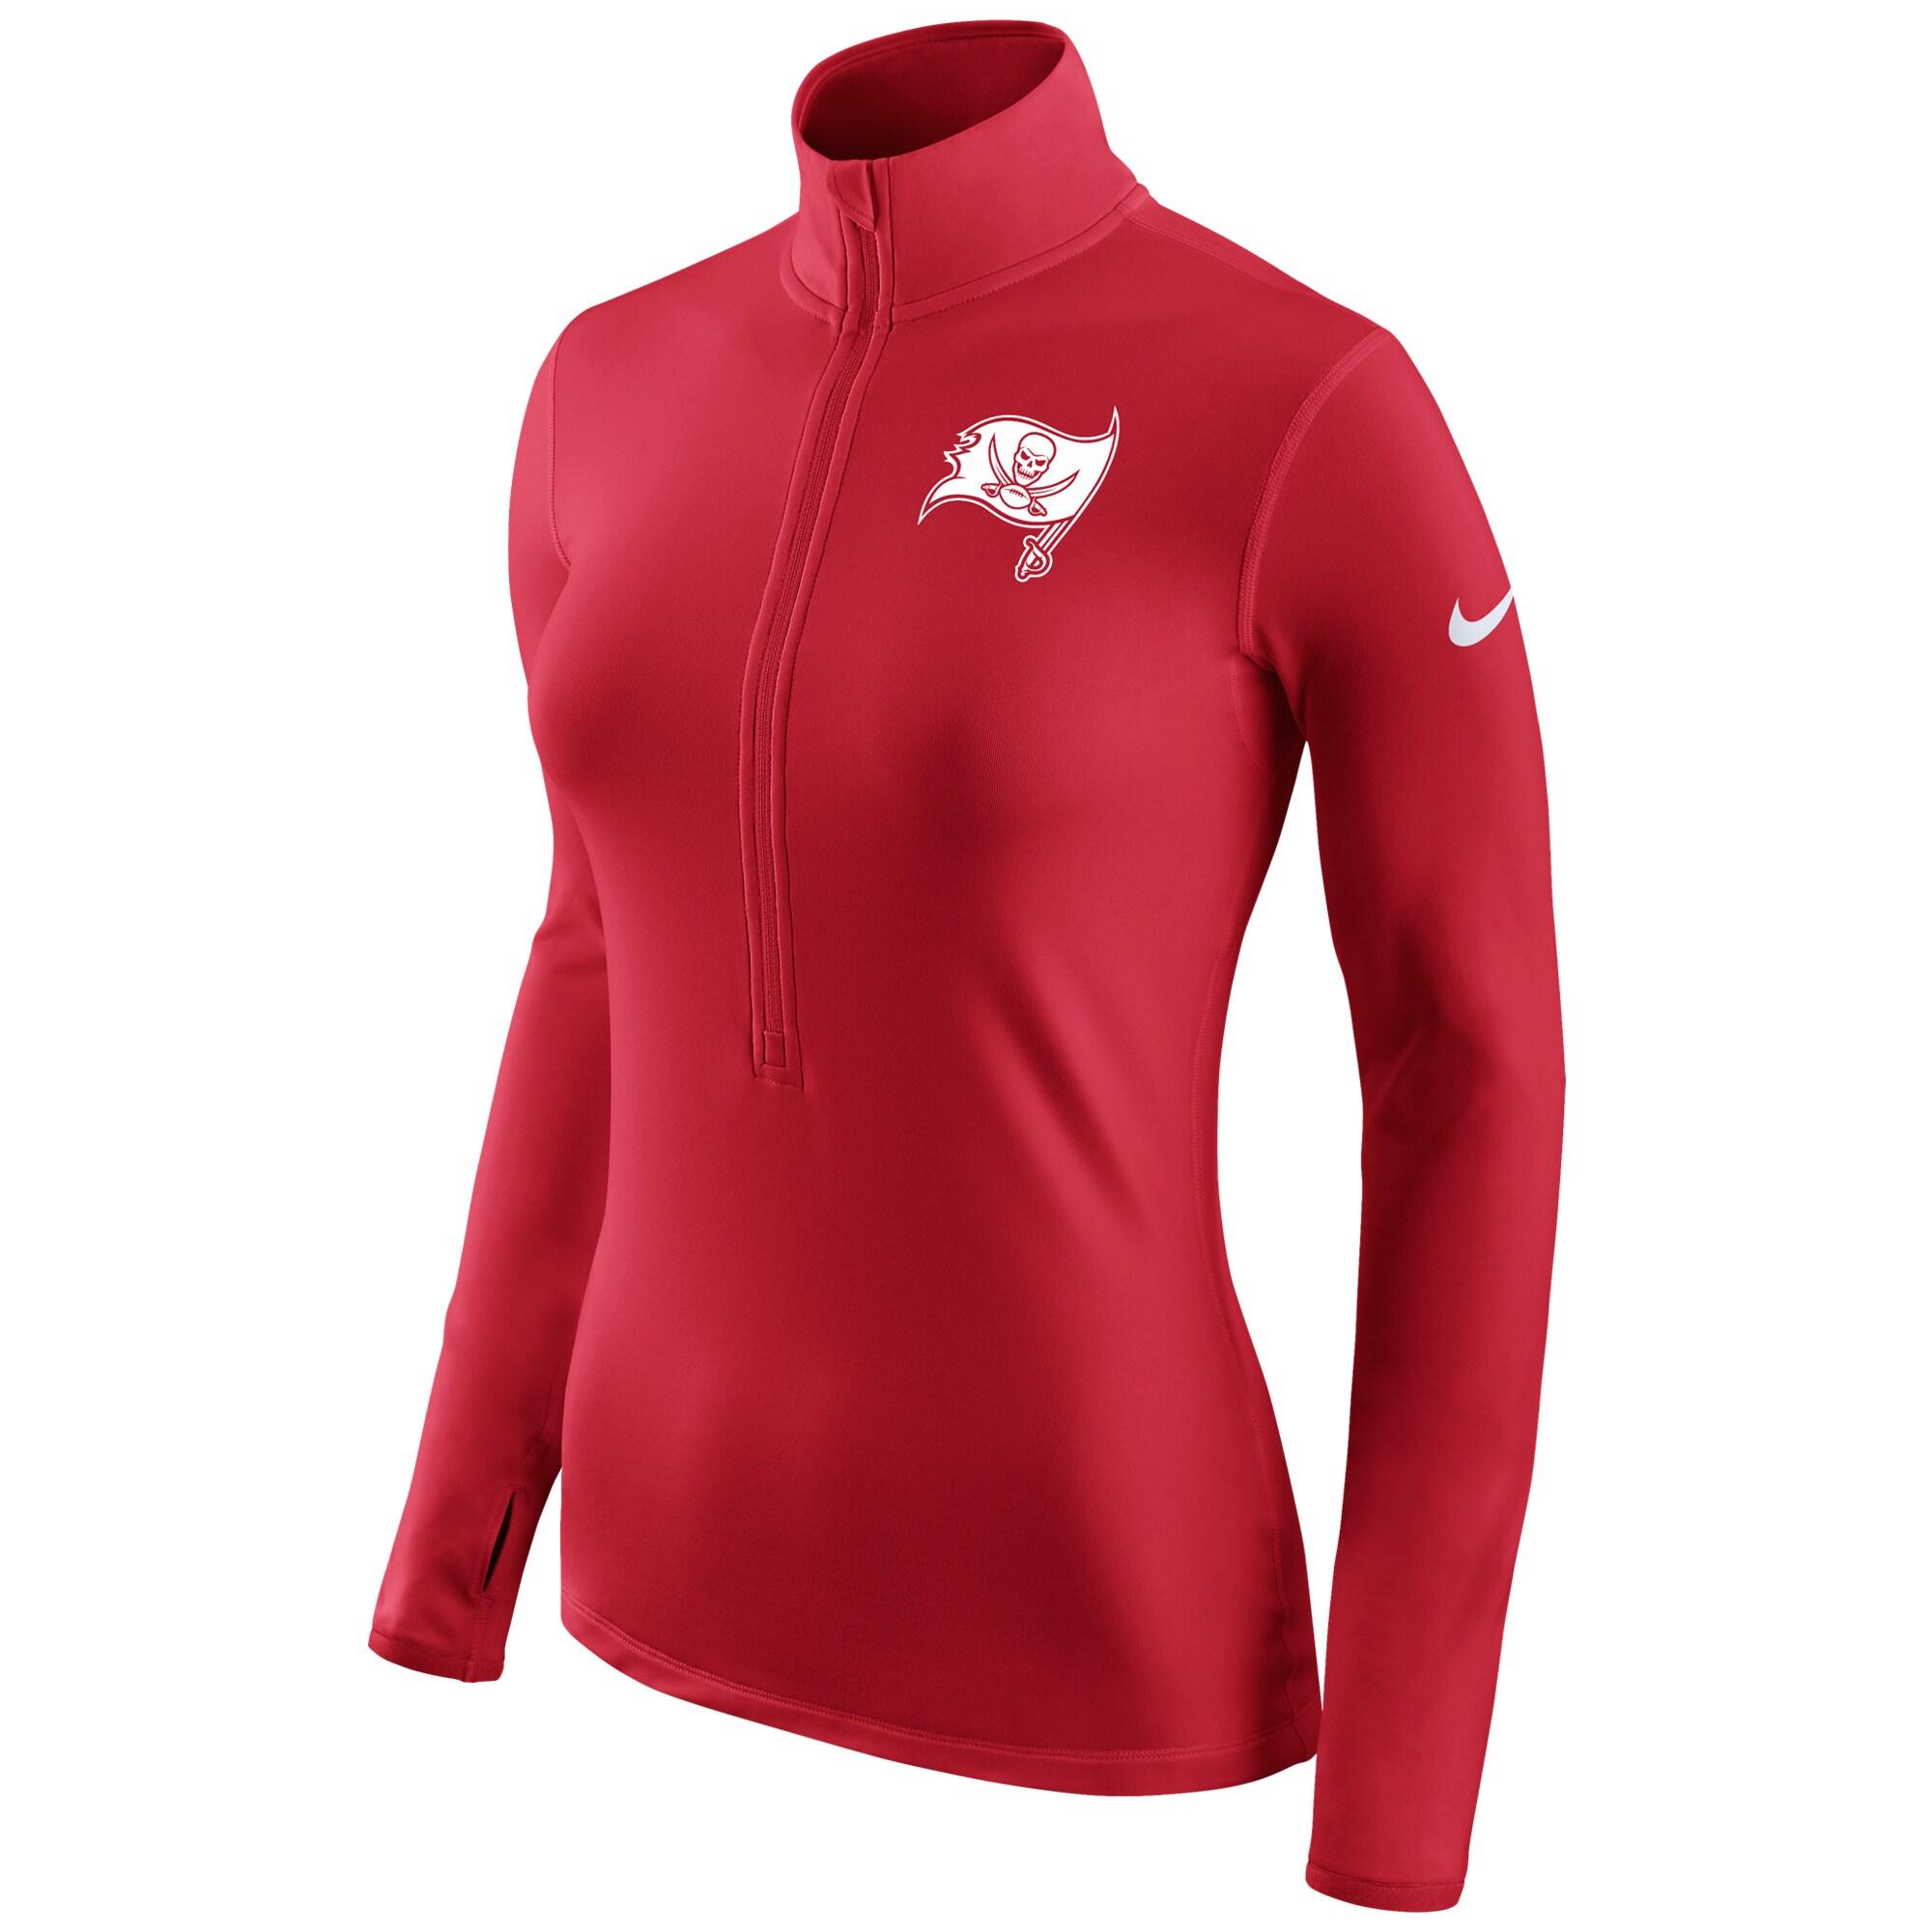 Tampa Bay Buccaneers Nike Women's Champ Drive Pro Hyperwarm Half-Zip Jacket - Red